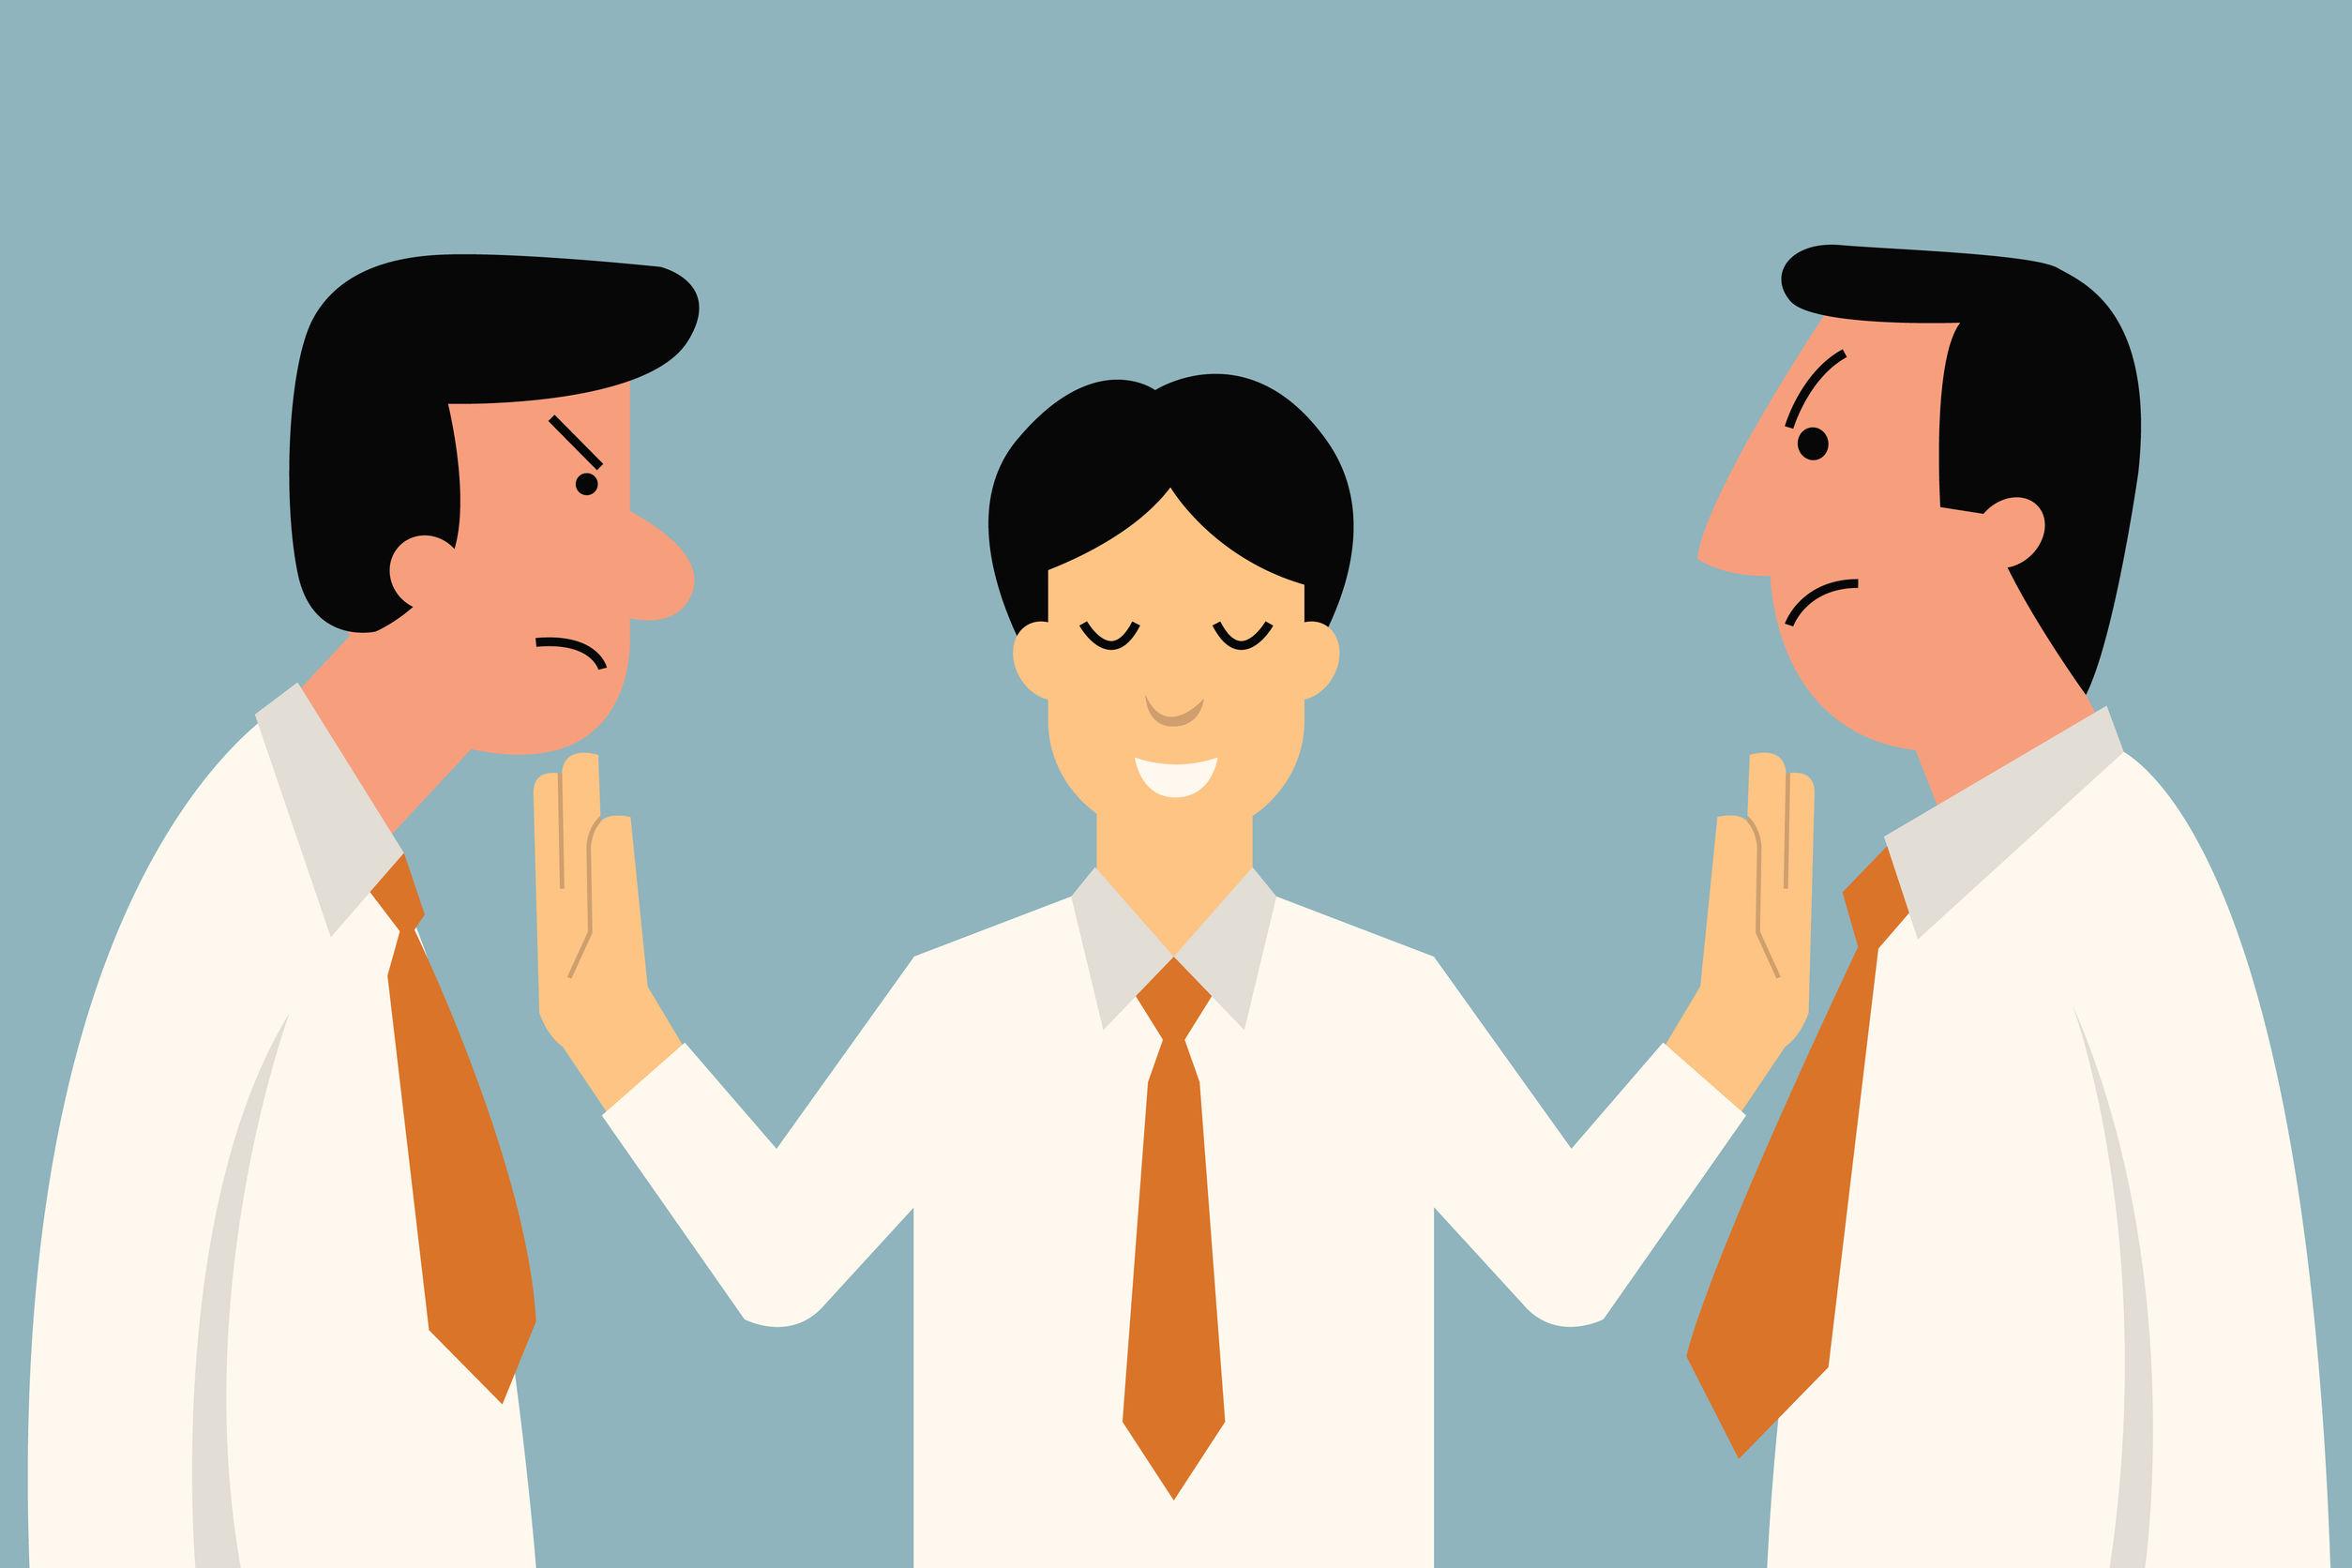 La mediación para resolver conflictos en la comunidad